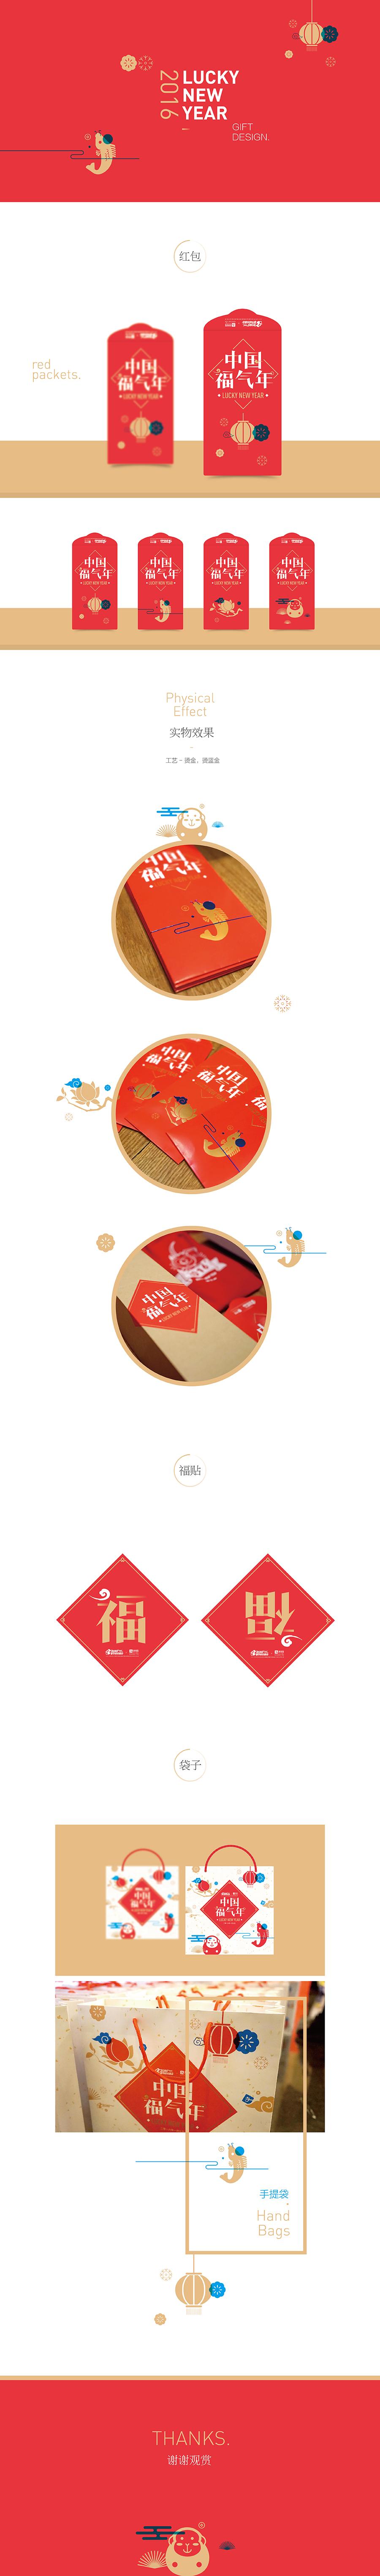 查看《中国福气年》原图,原图尺寸:900x6096